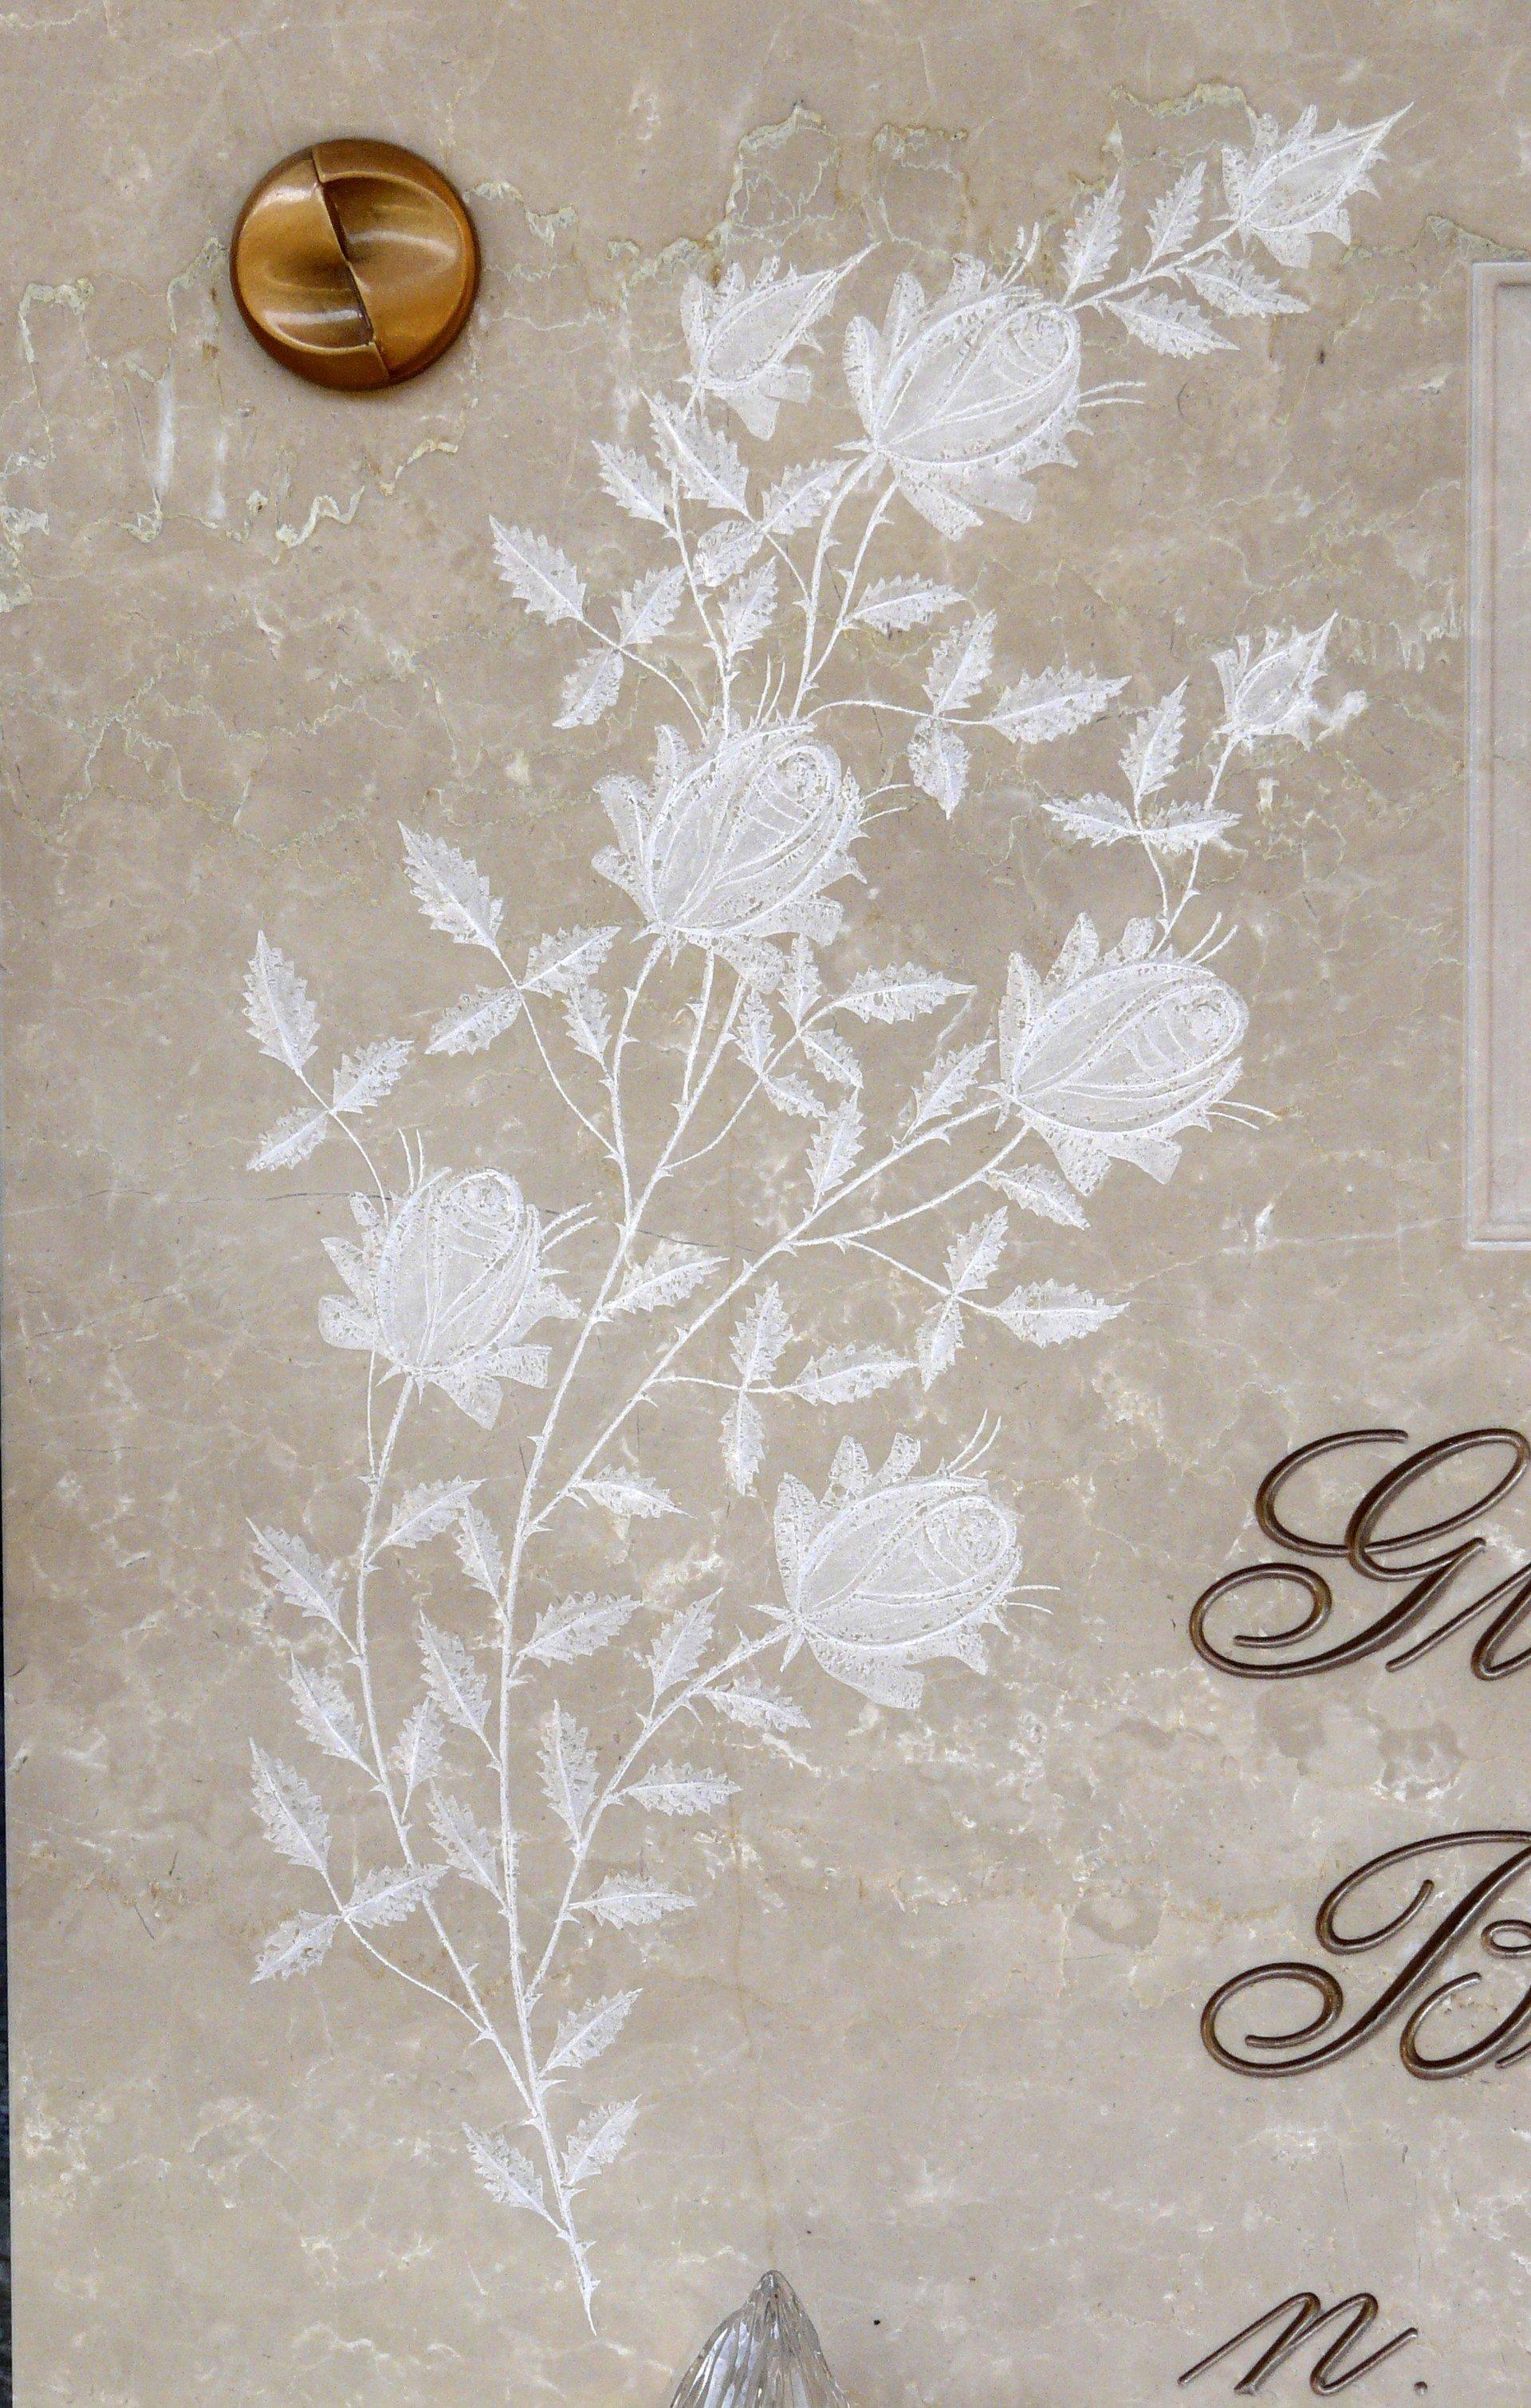 bassorilievo su marmo beige rappresentante  dei fiori